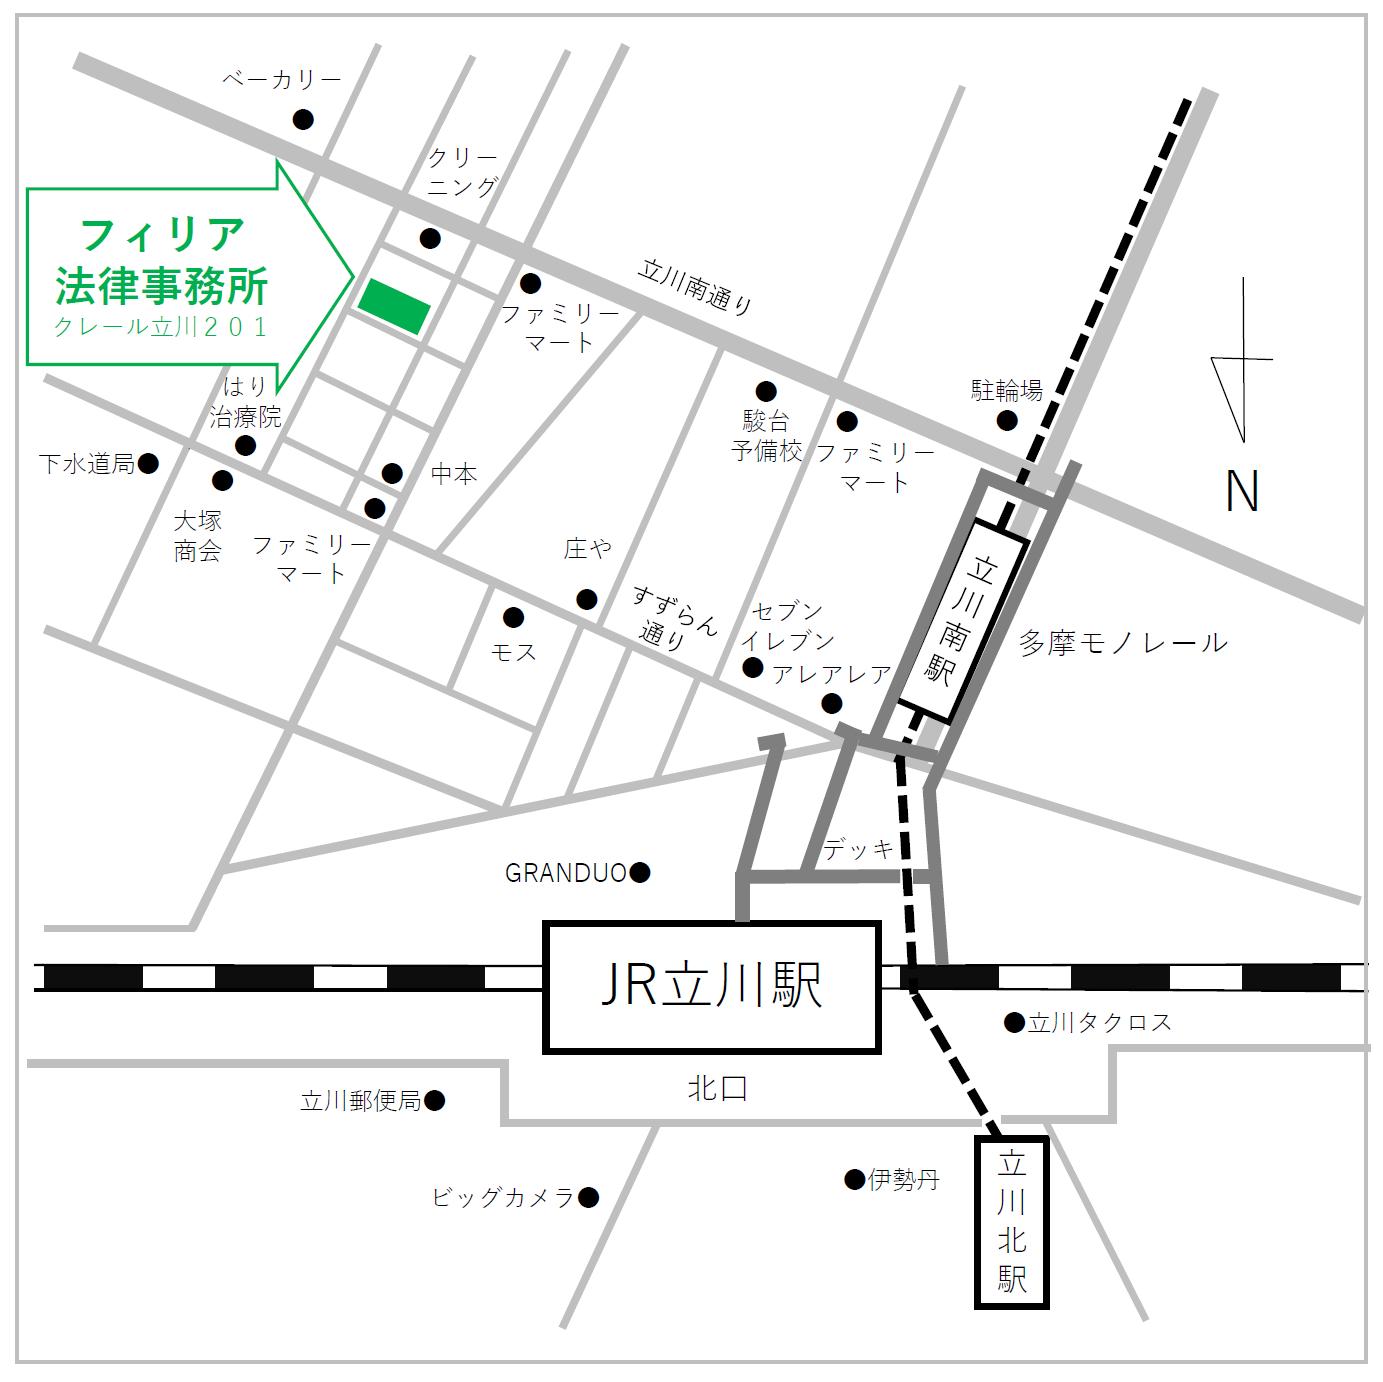 2020-10-16-移転先の地図